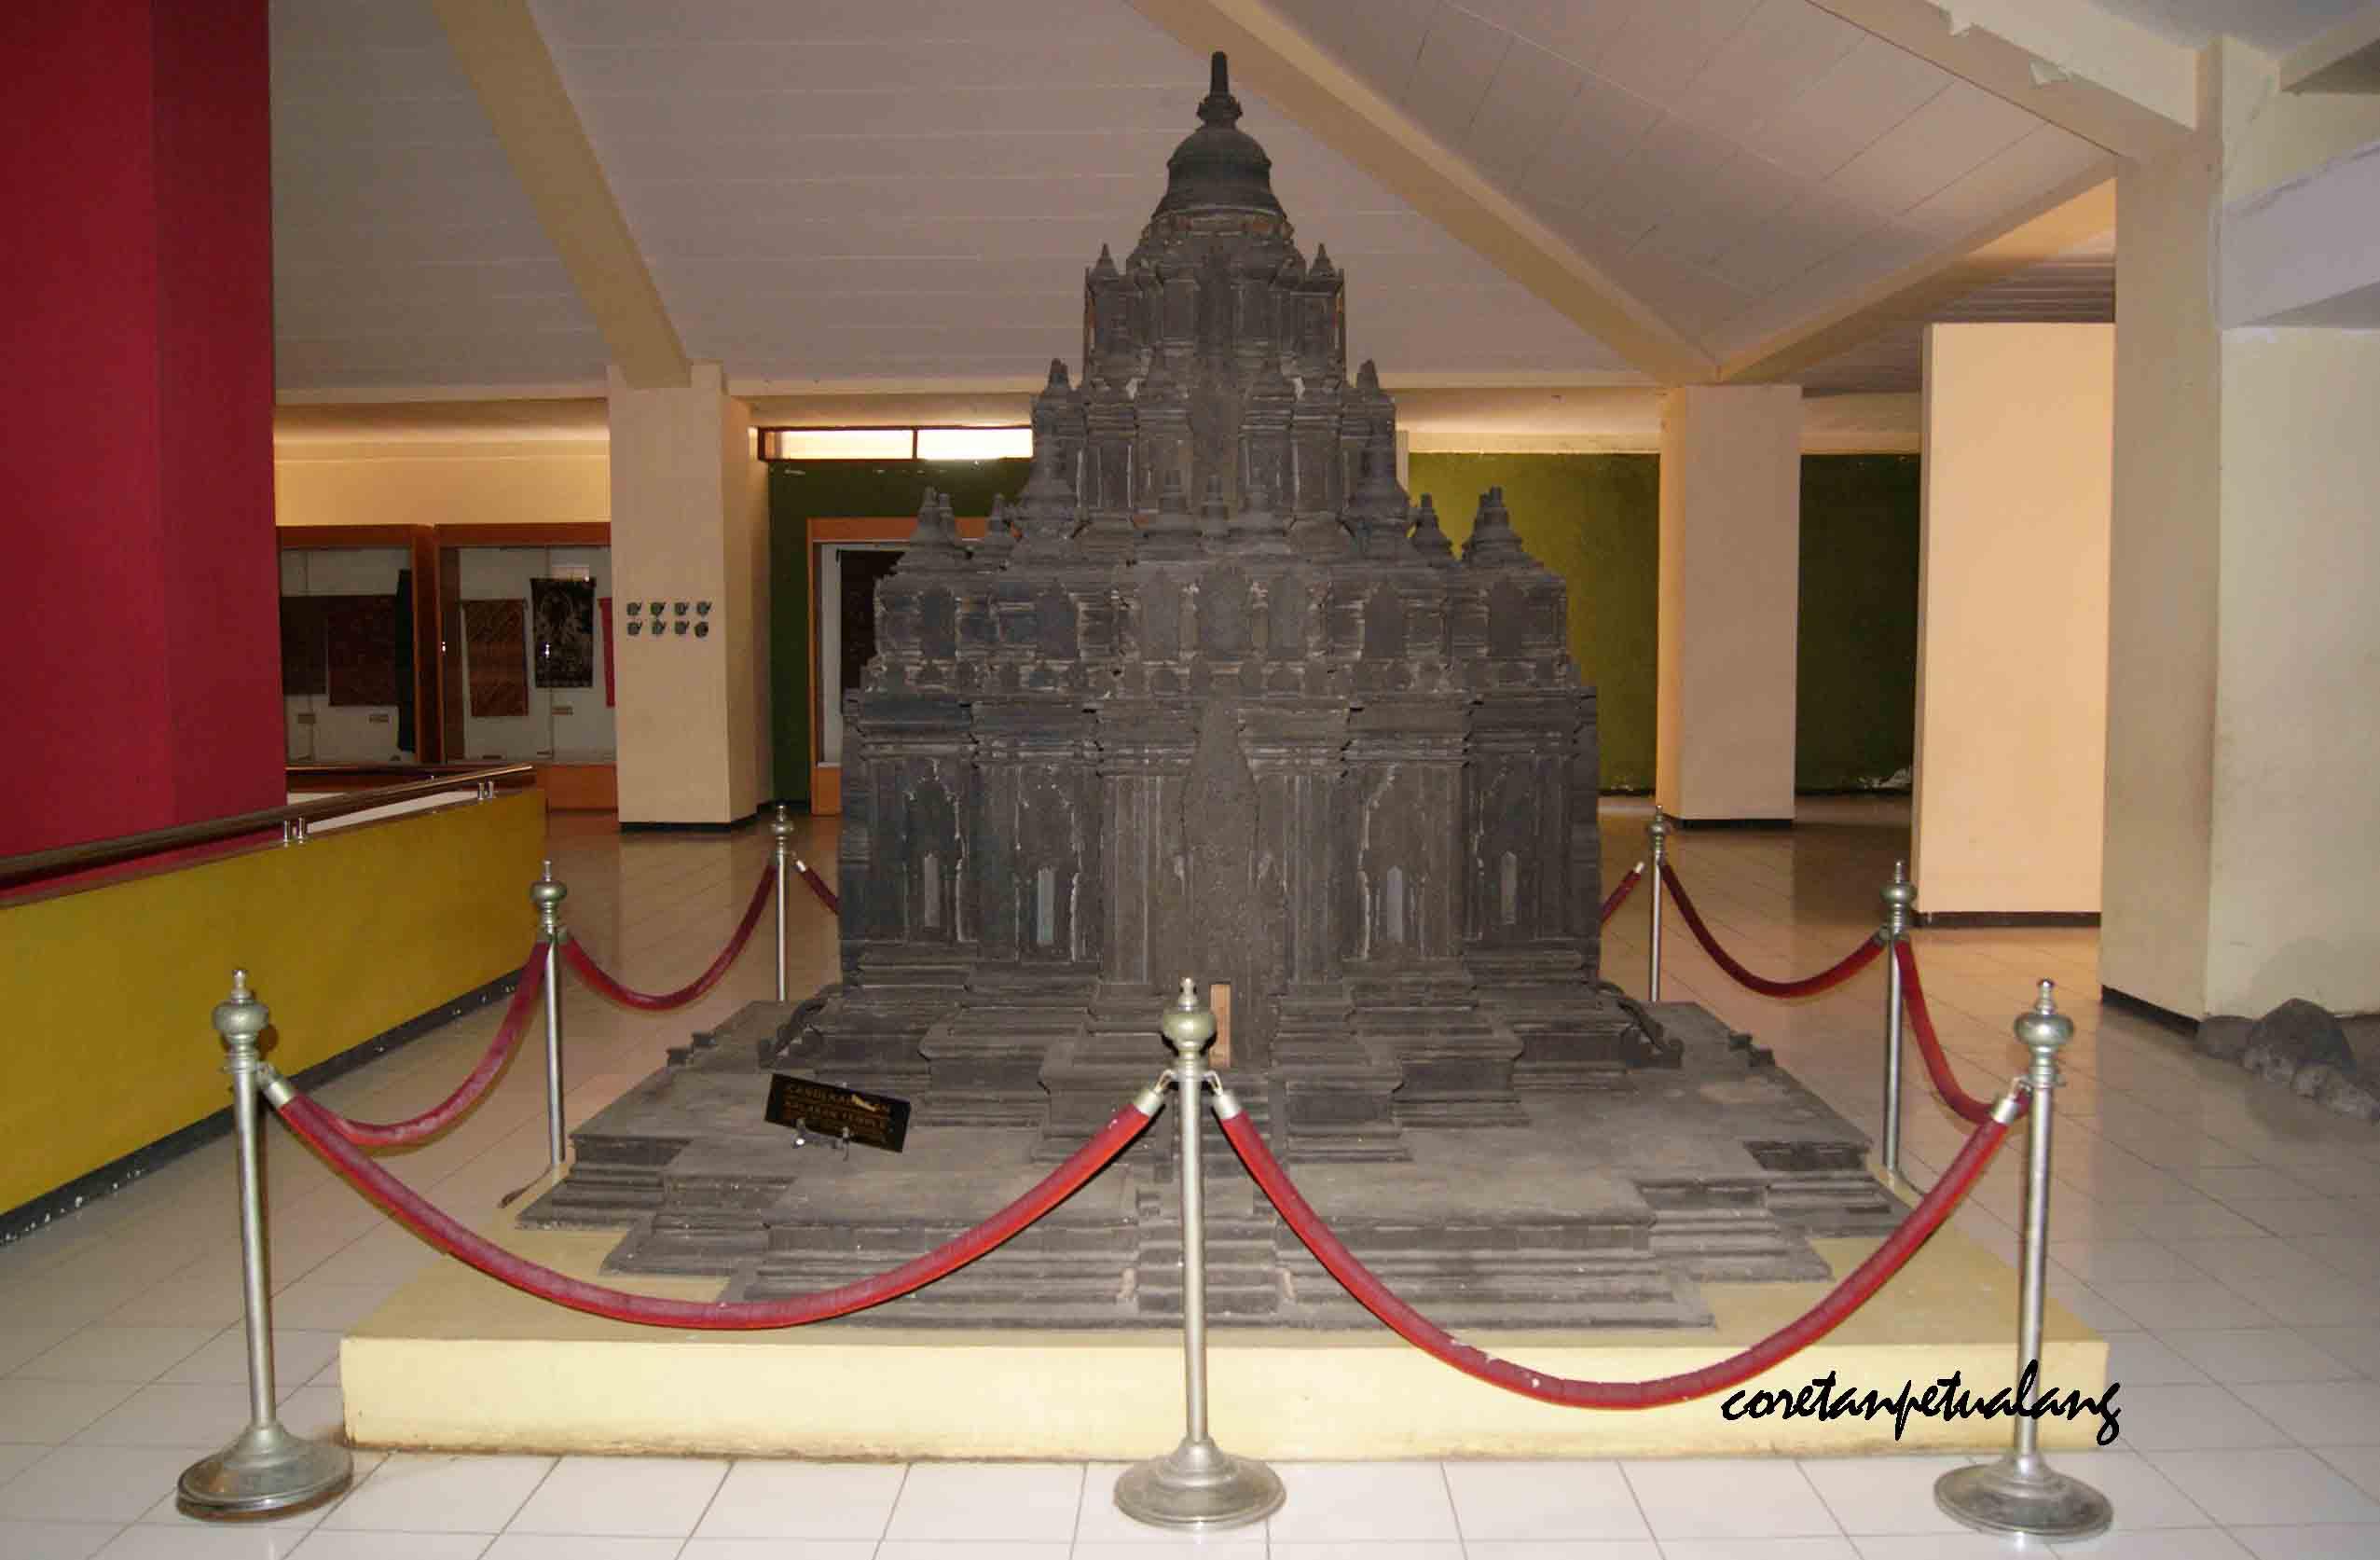 Wisata Sejarah Museum Ronggowarsito Kota Semarang Jawa Tengah Contoh Gambar